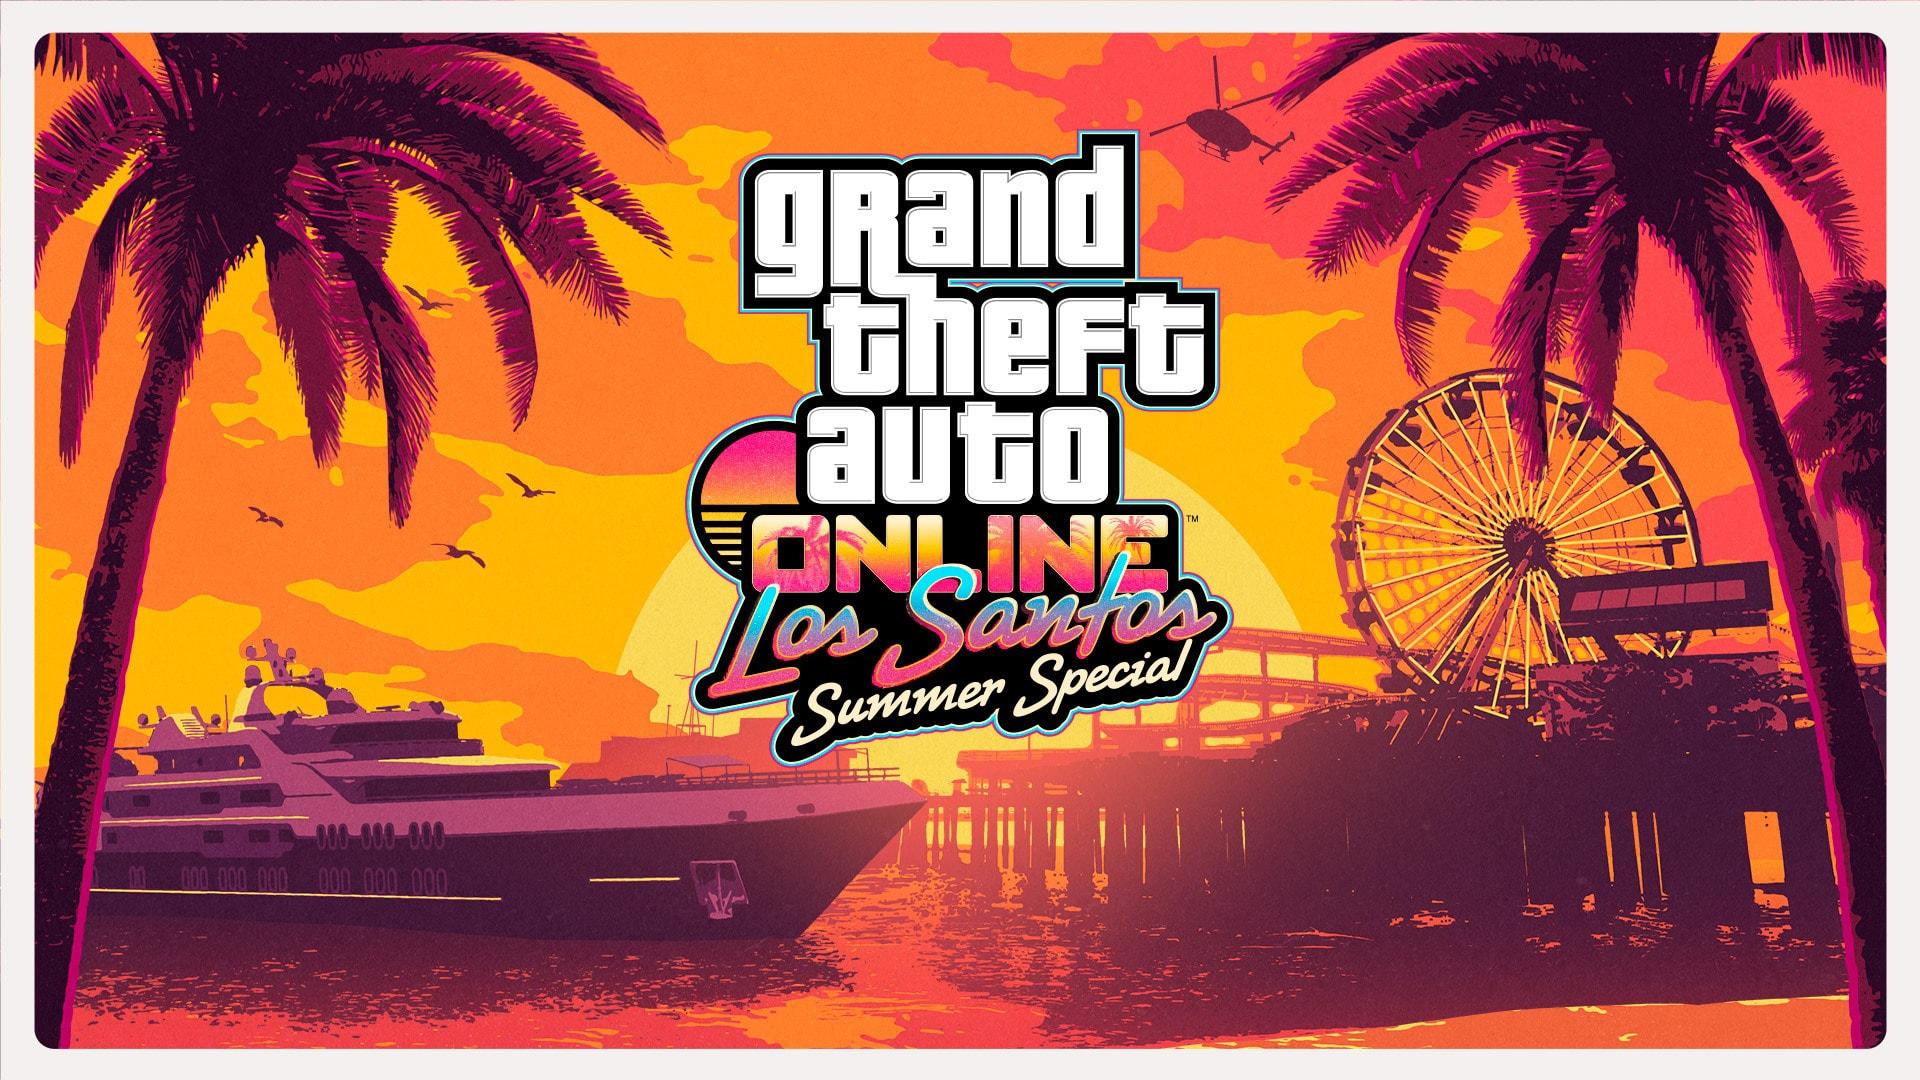 GTA Online: Especial de Verão em Los Santos